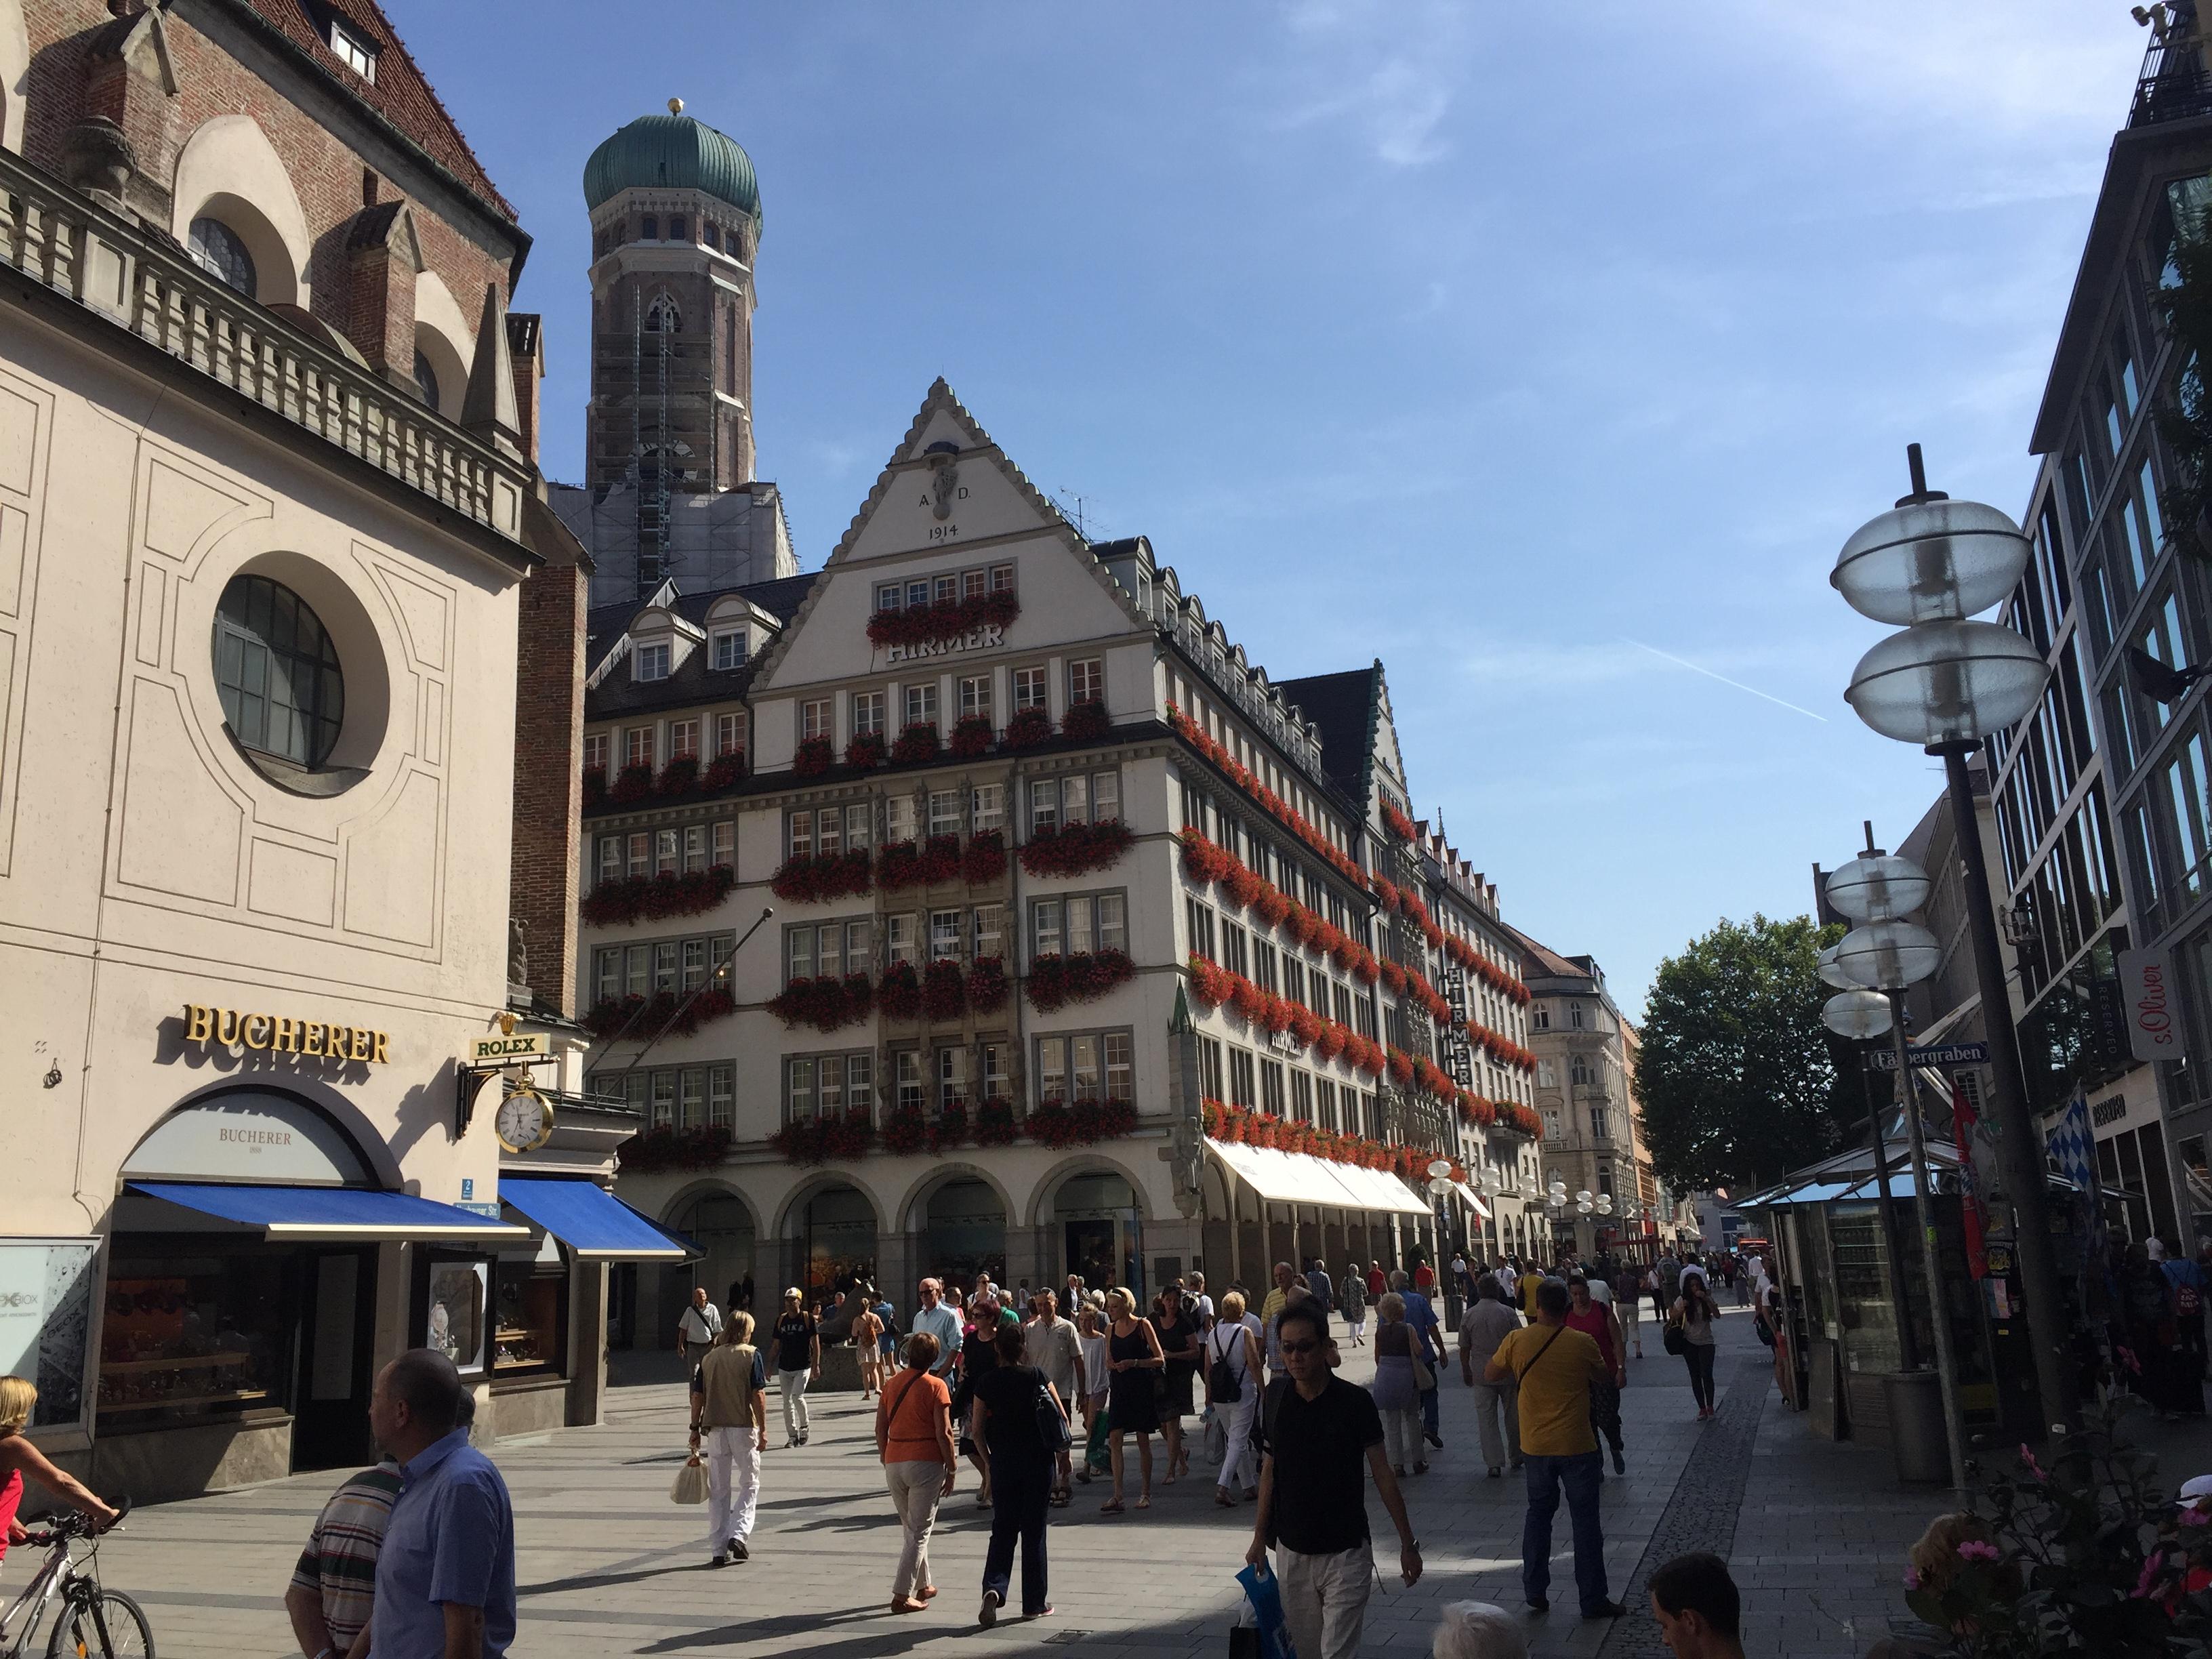 munchen, germany, deutschland, mnichov, roadtrip, travel, cestovanie, bmw spat ku korenom, tonychef, tony dubravec